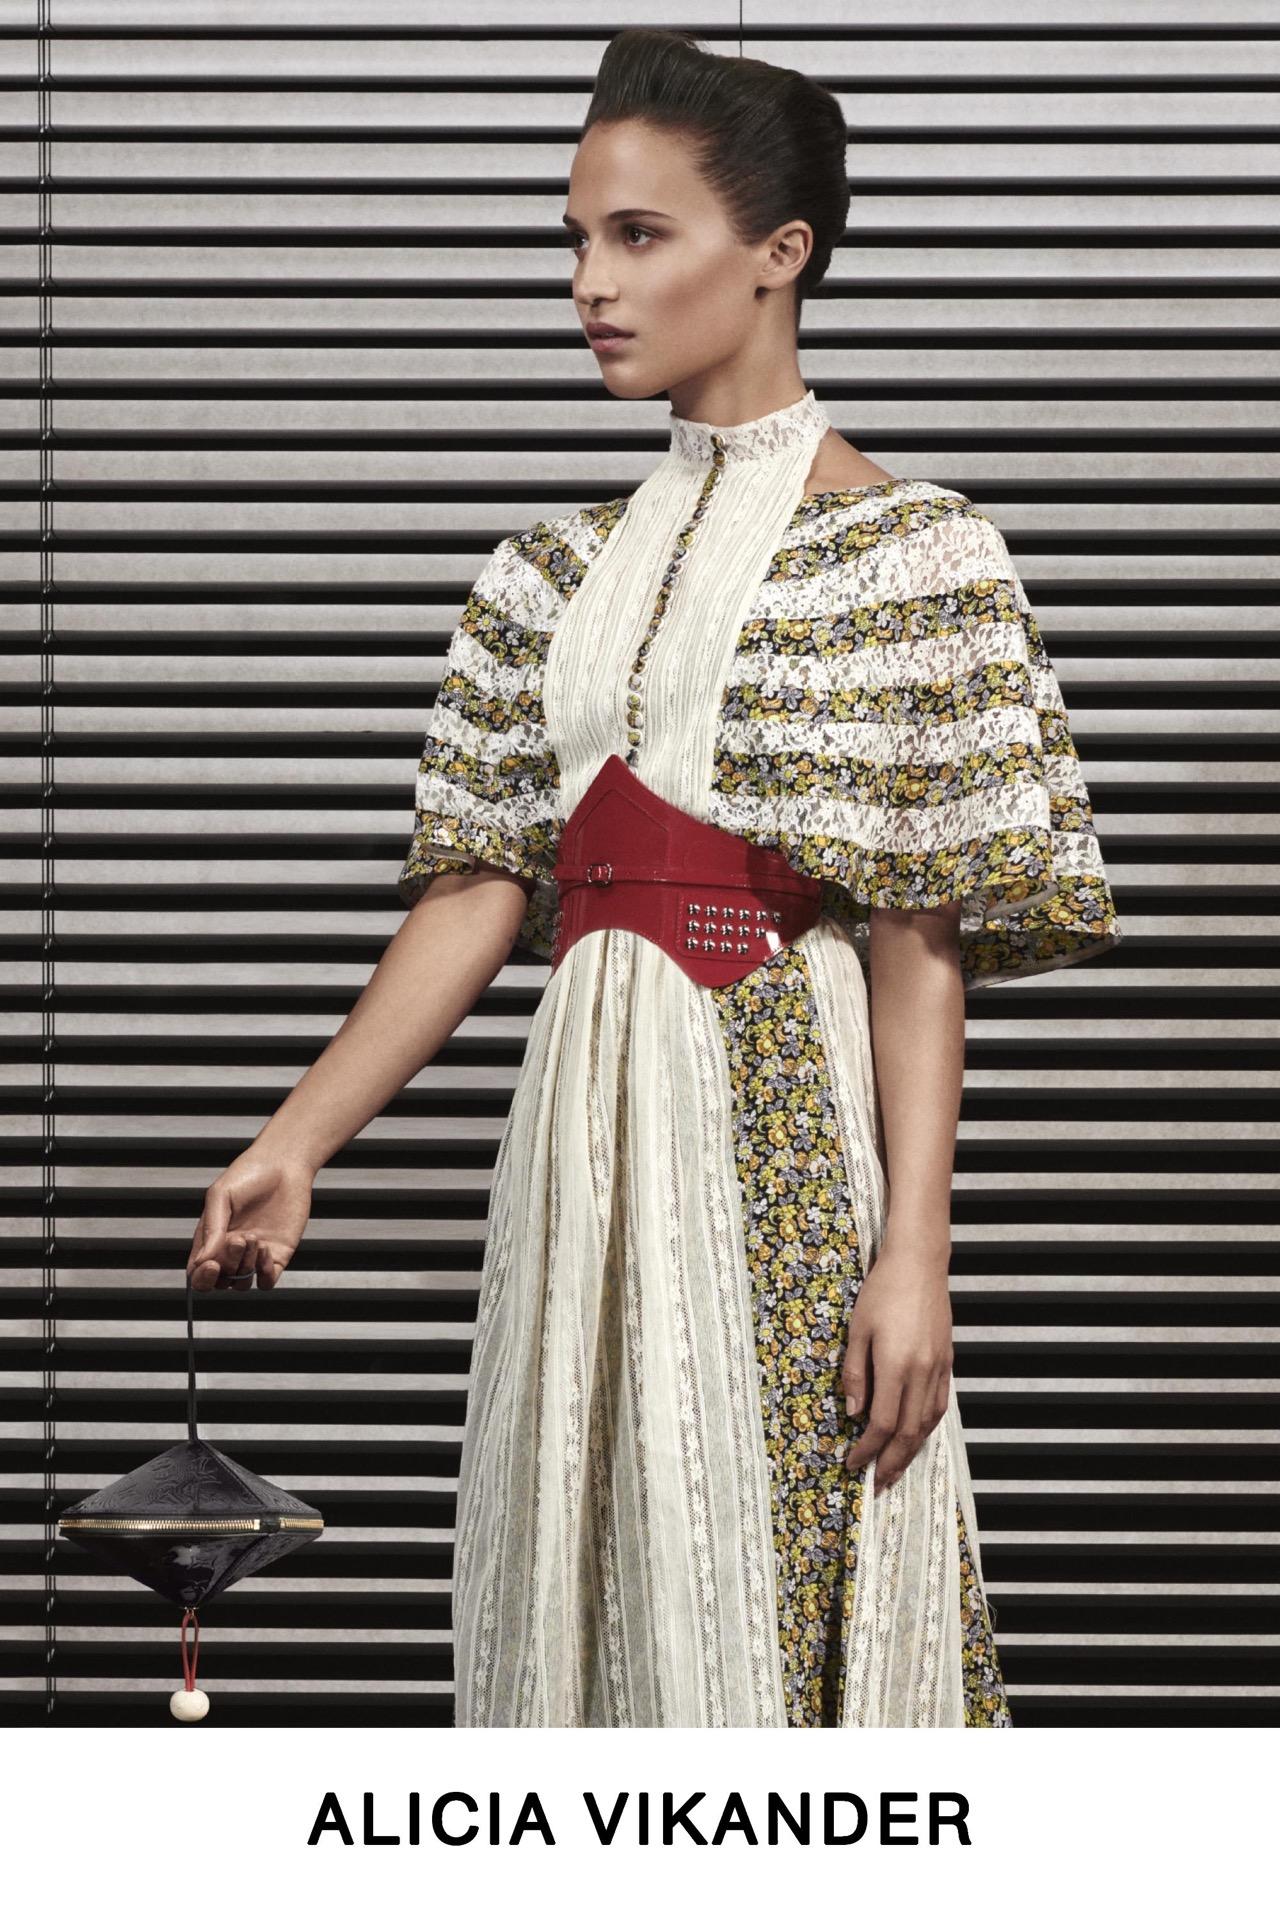 #PARA TI - LOOK BOOK VUITTON - Moda - ALICIA VIKANDER - GENTILEZA MARCA